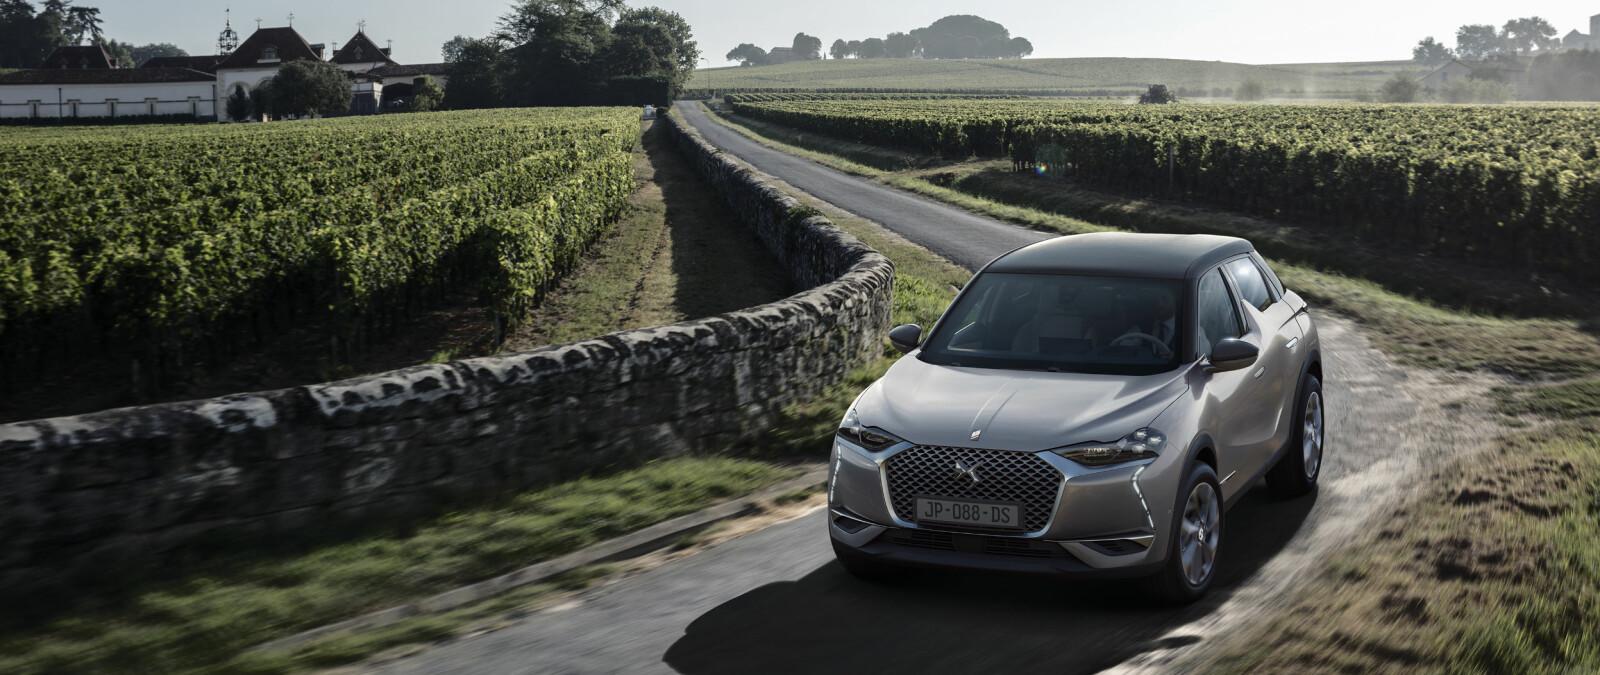 <b>DS 3 CROSSBACK E-TENSE:</b> DS kommer med elbil med rekkevidde på 300 km (WLTP). Nordmenn kan bestille bilen først i verden. Elbilen skal være på norske veier innen utgangen av 2019.